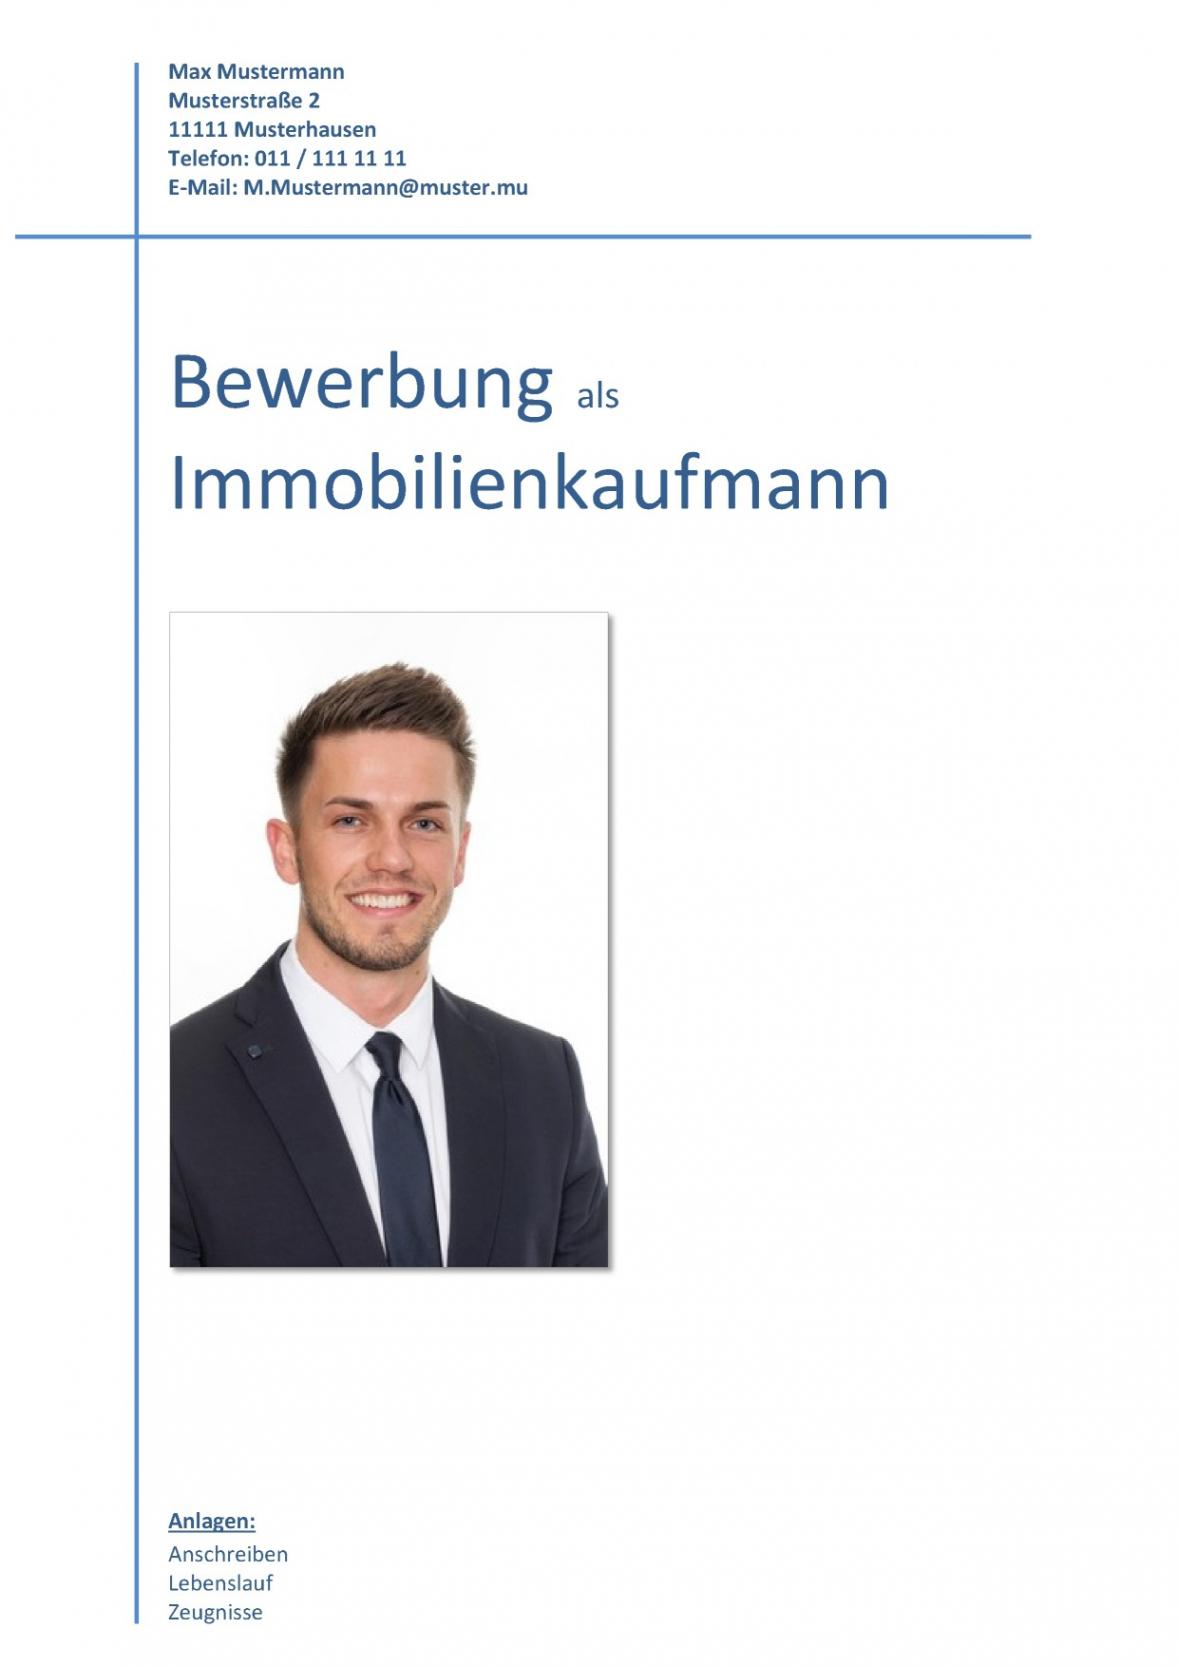 Porbe von  Deckblatt In Der Bewerbung  Über 100 Kostenlose Muster & Vorlagen! Vorlage Lebenslauf Titelblatt